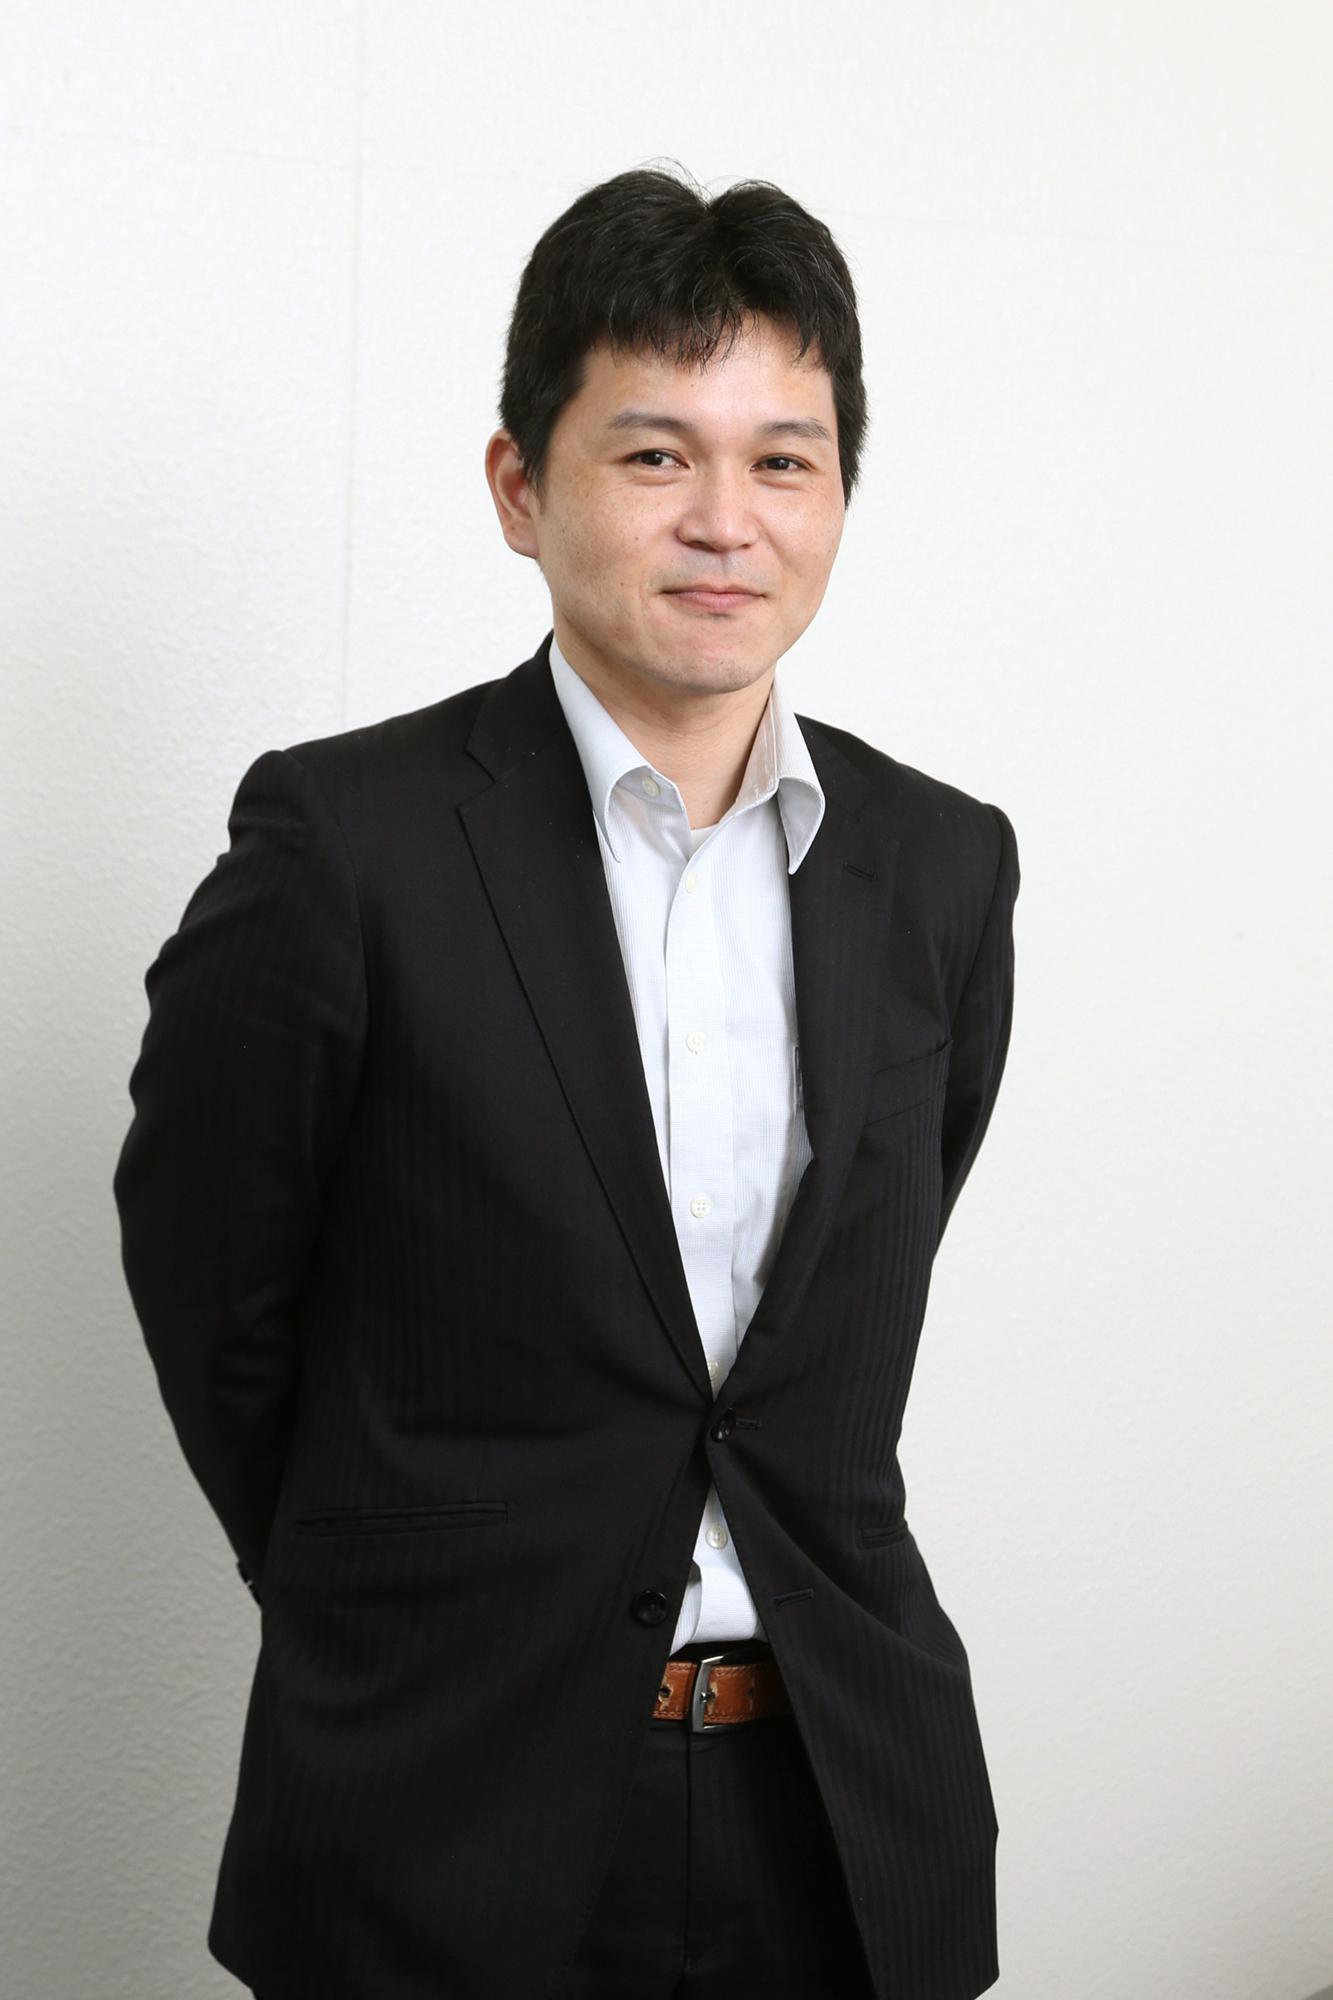 社会保険労務士法人 キーワークス中村暢宏